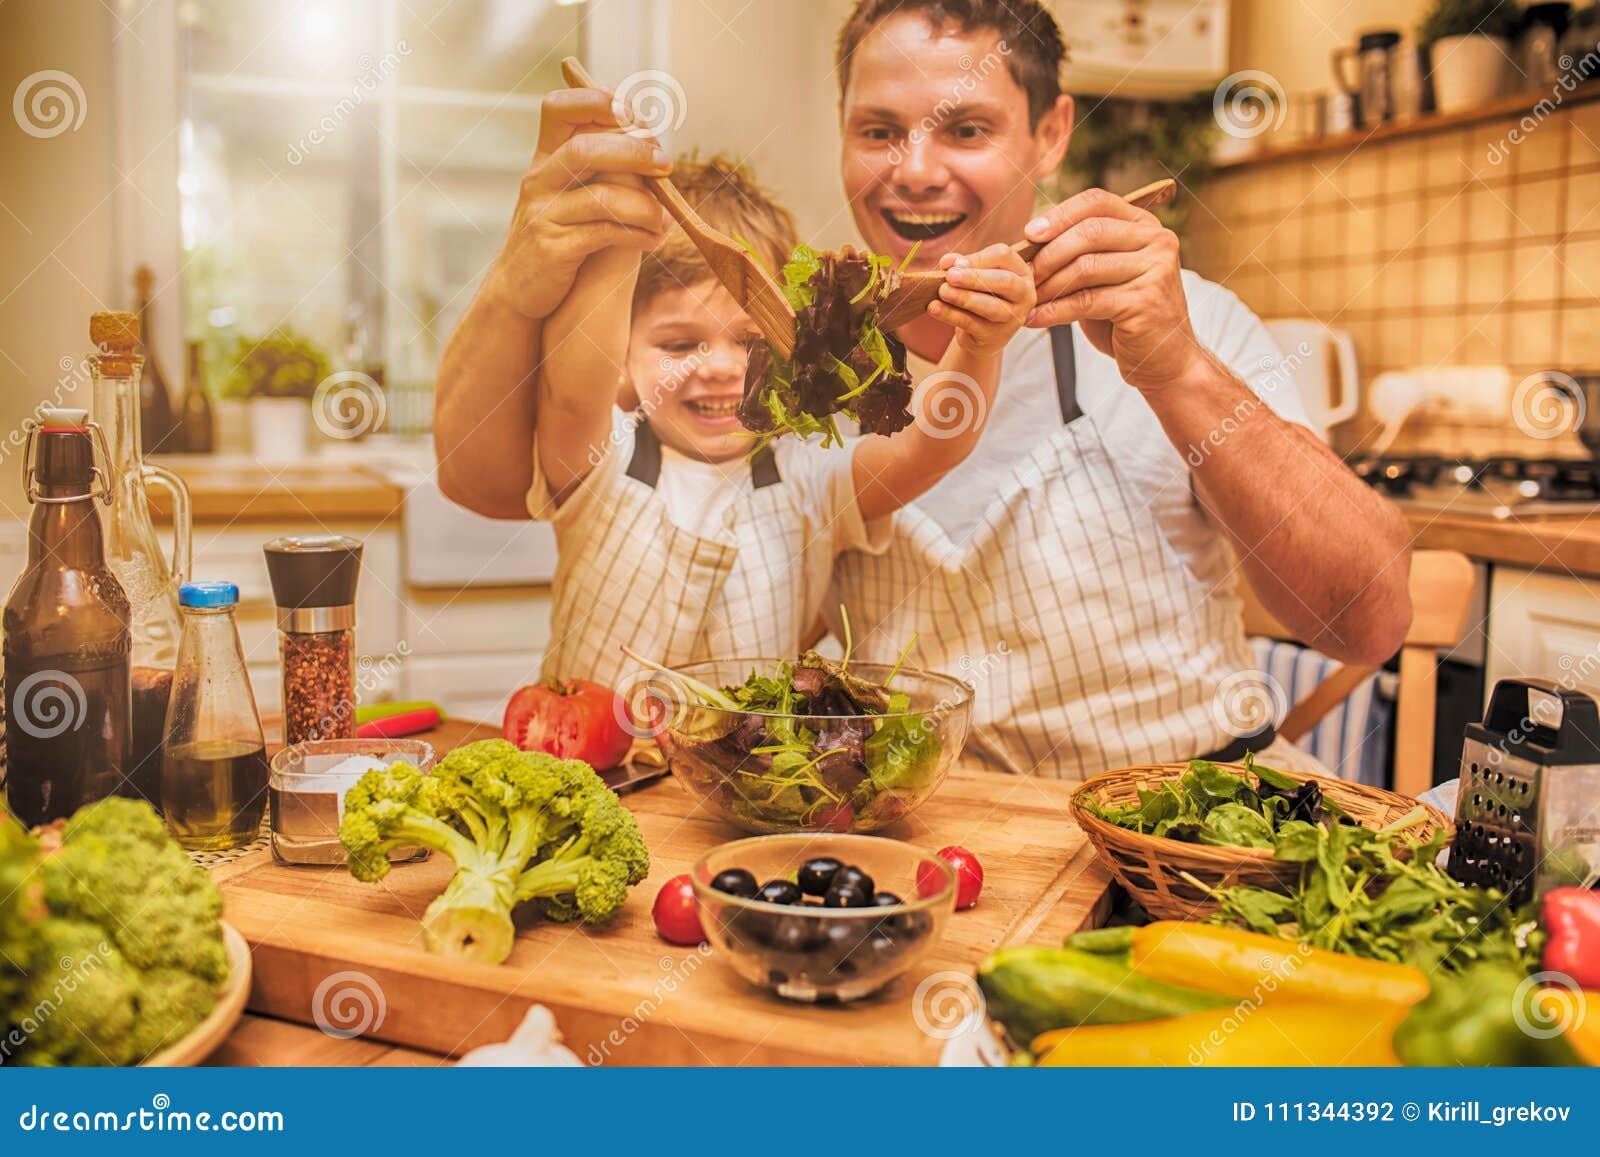 Keuken Voor Weinig : Mens het koken op de keuken met weinig zoon stock foto